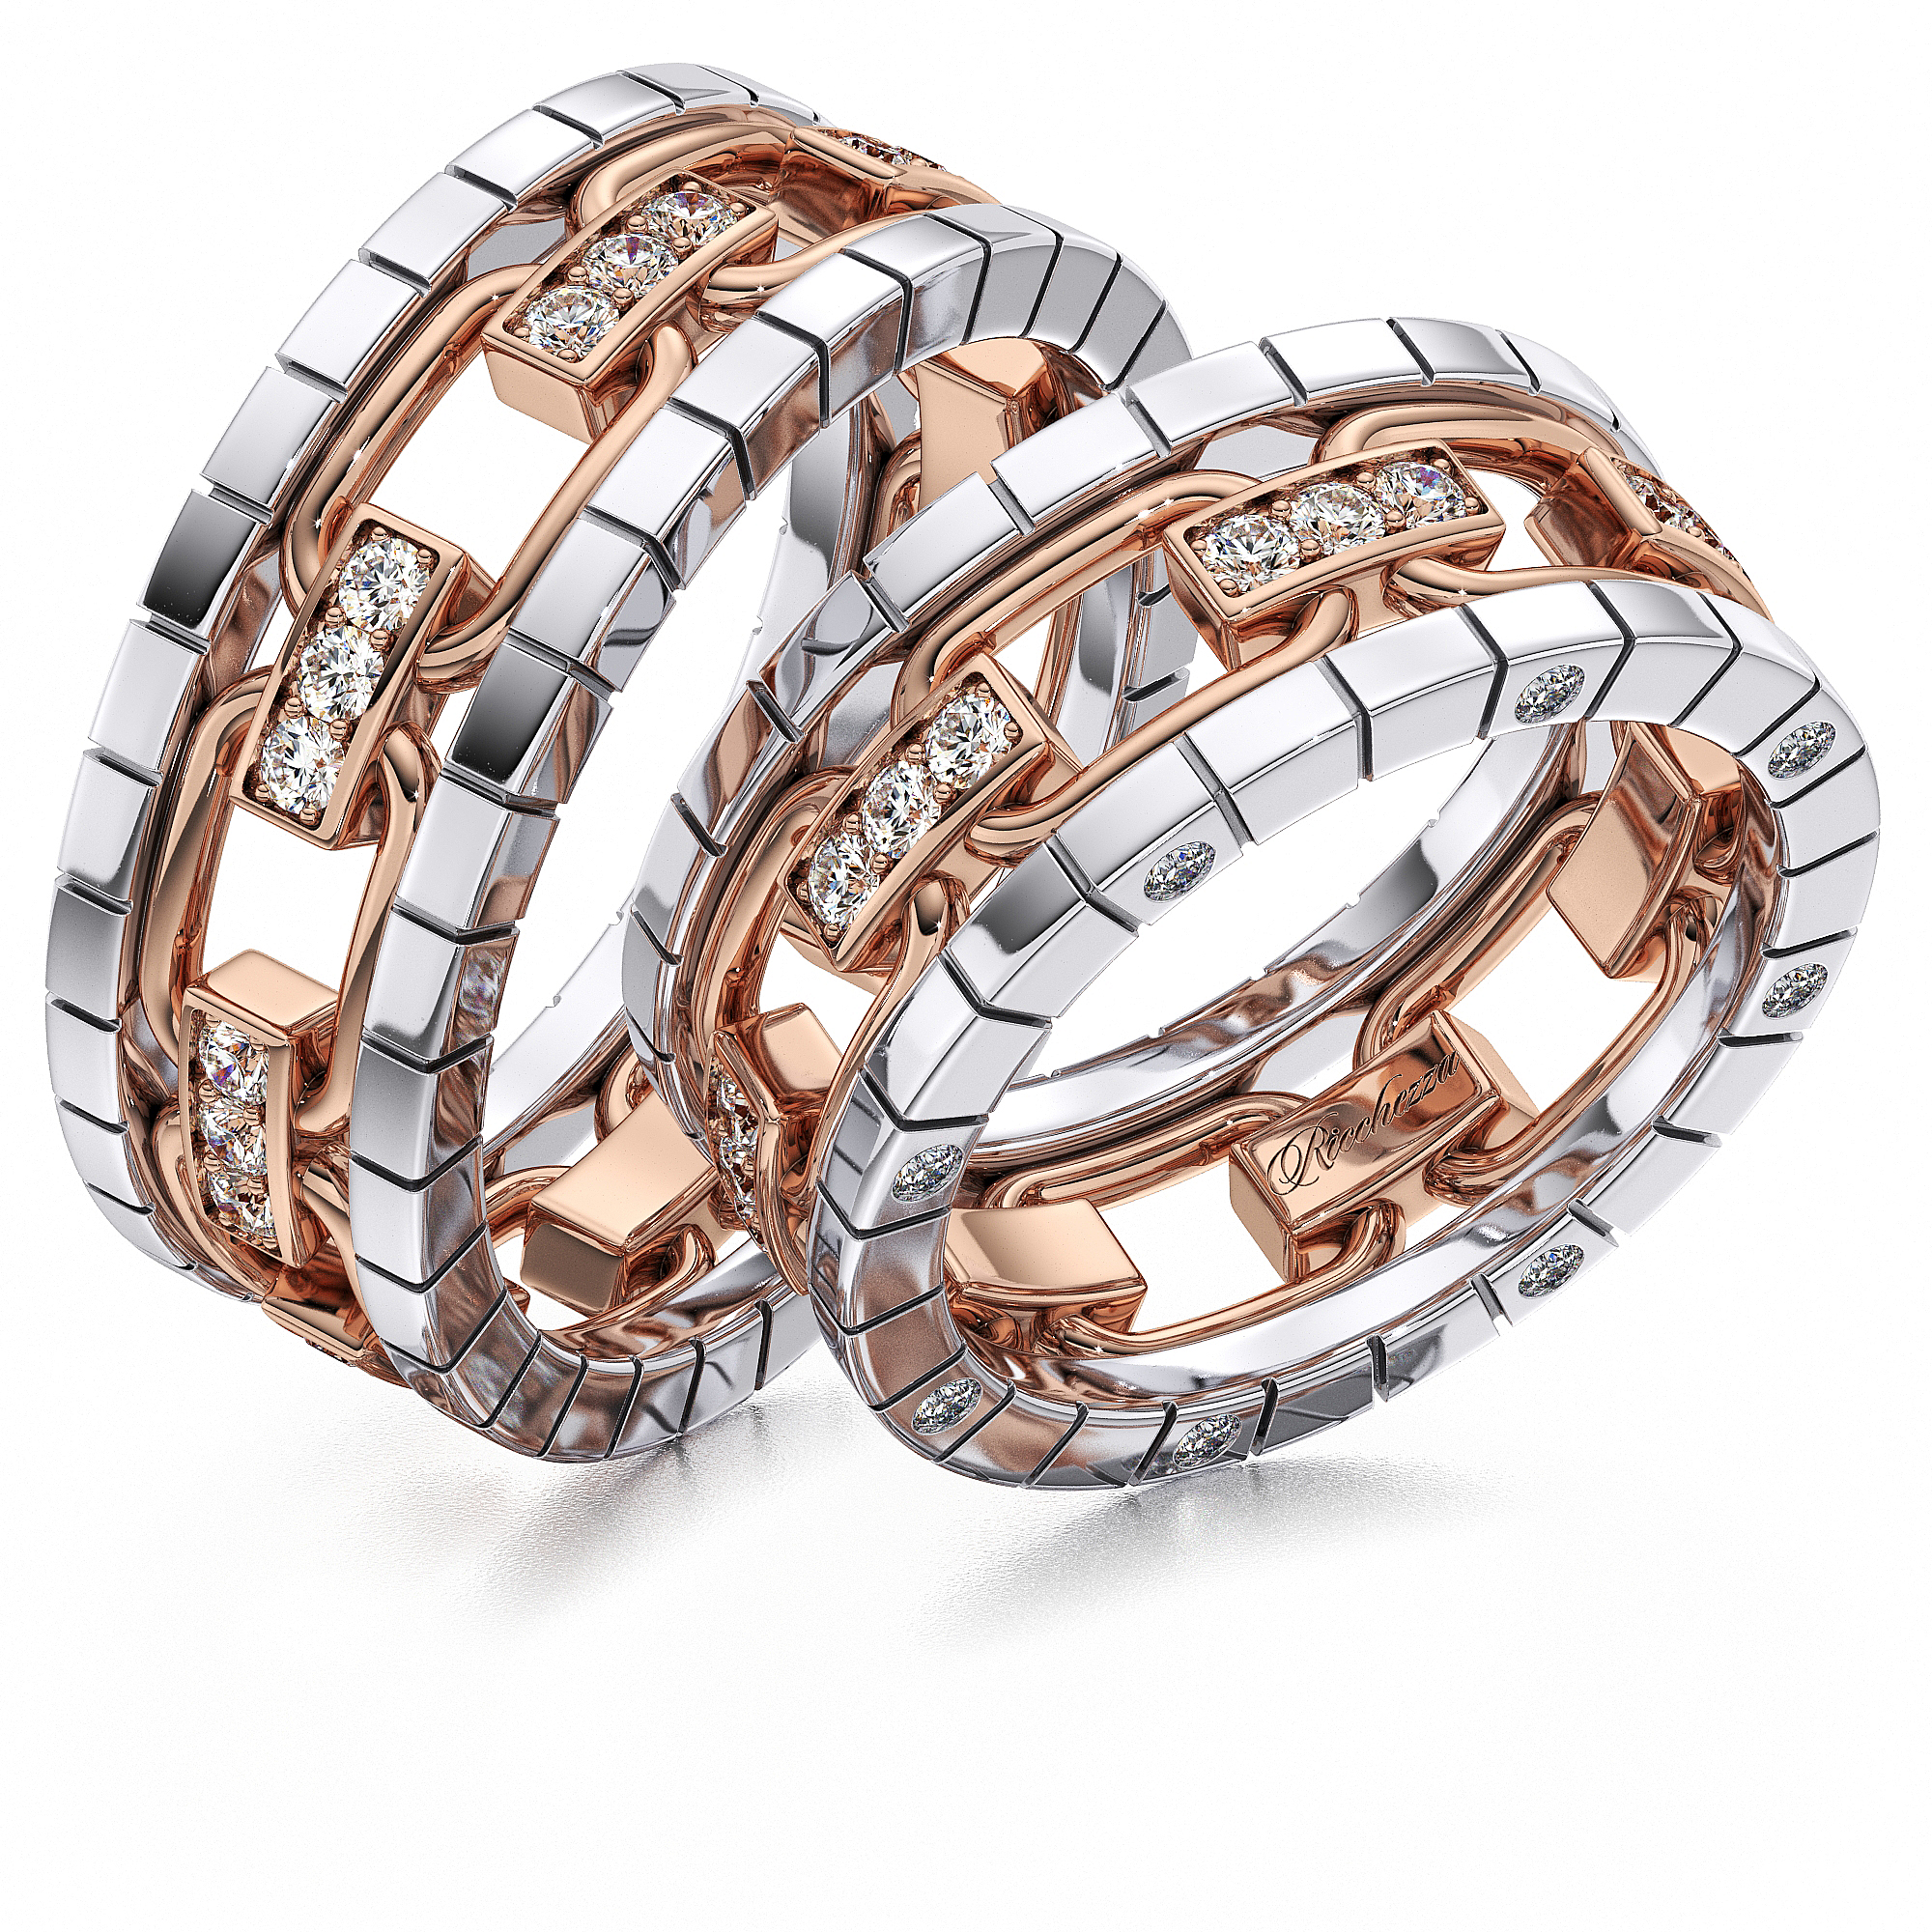 Обручальные кольца ERS72 — Ricchezza — ювелирные изделия cd2d22e0046